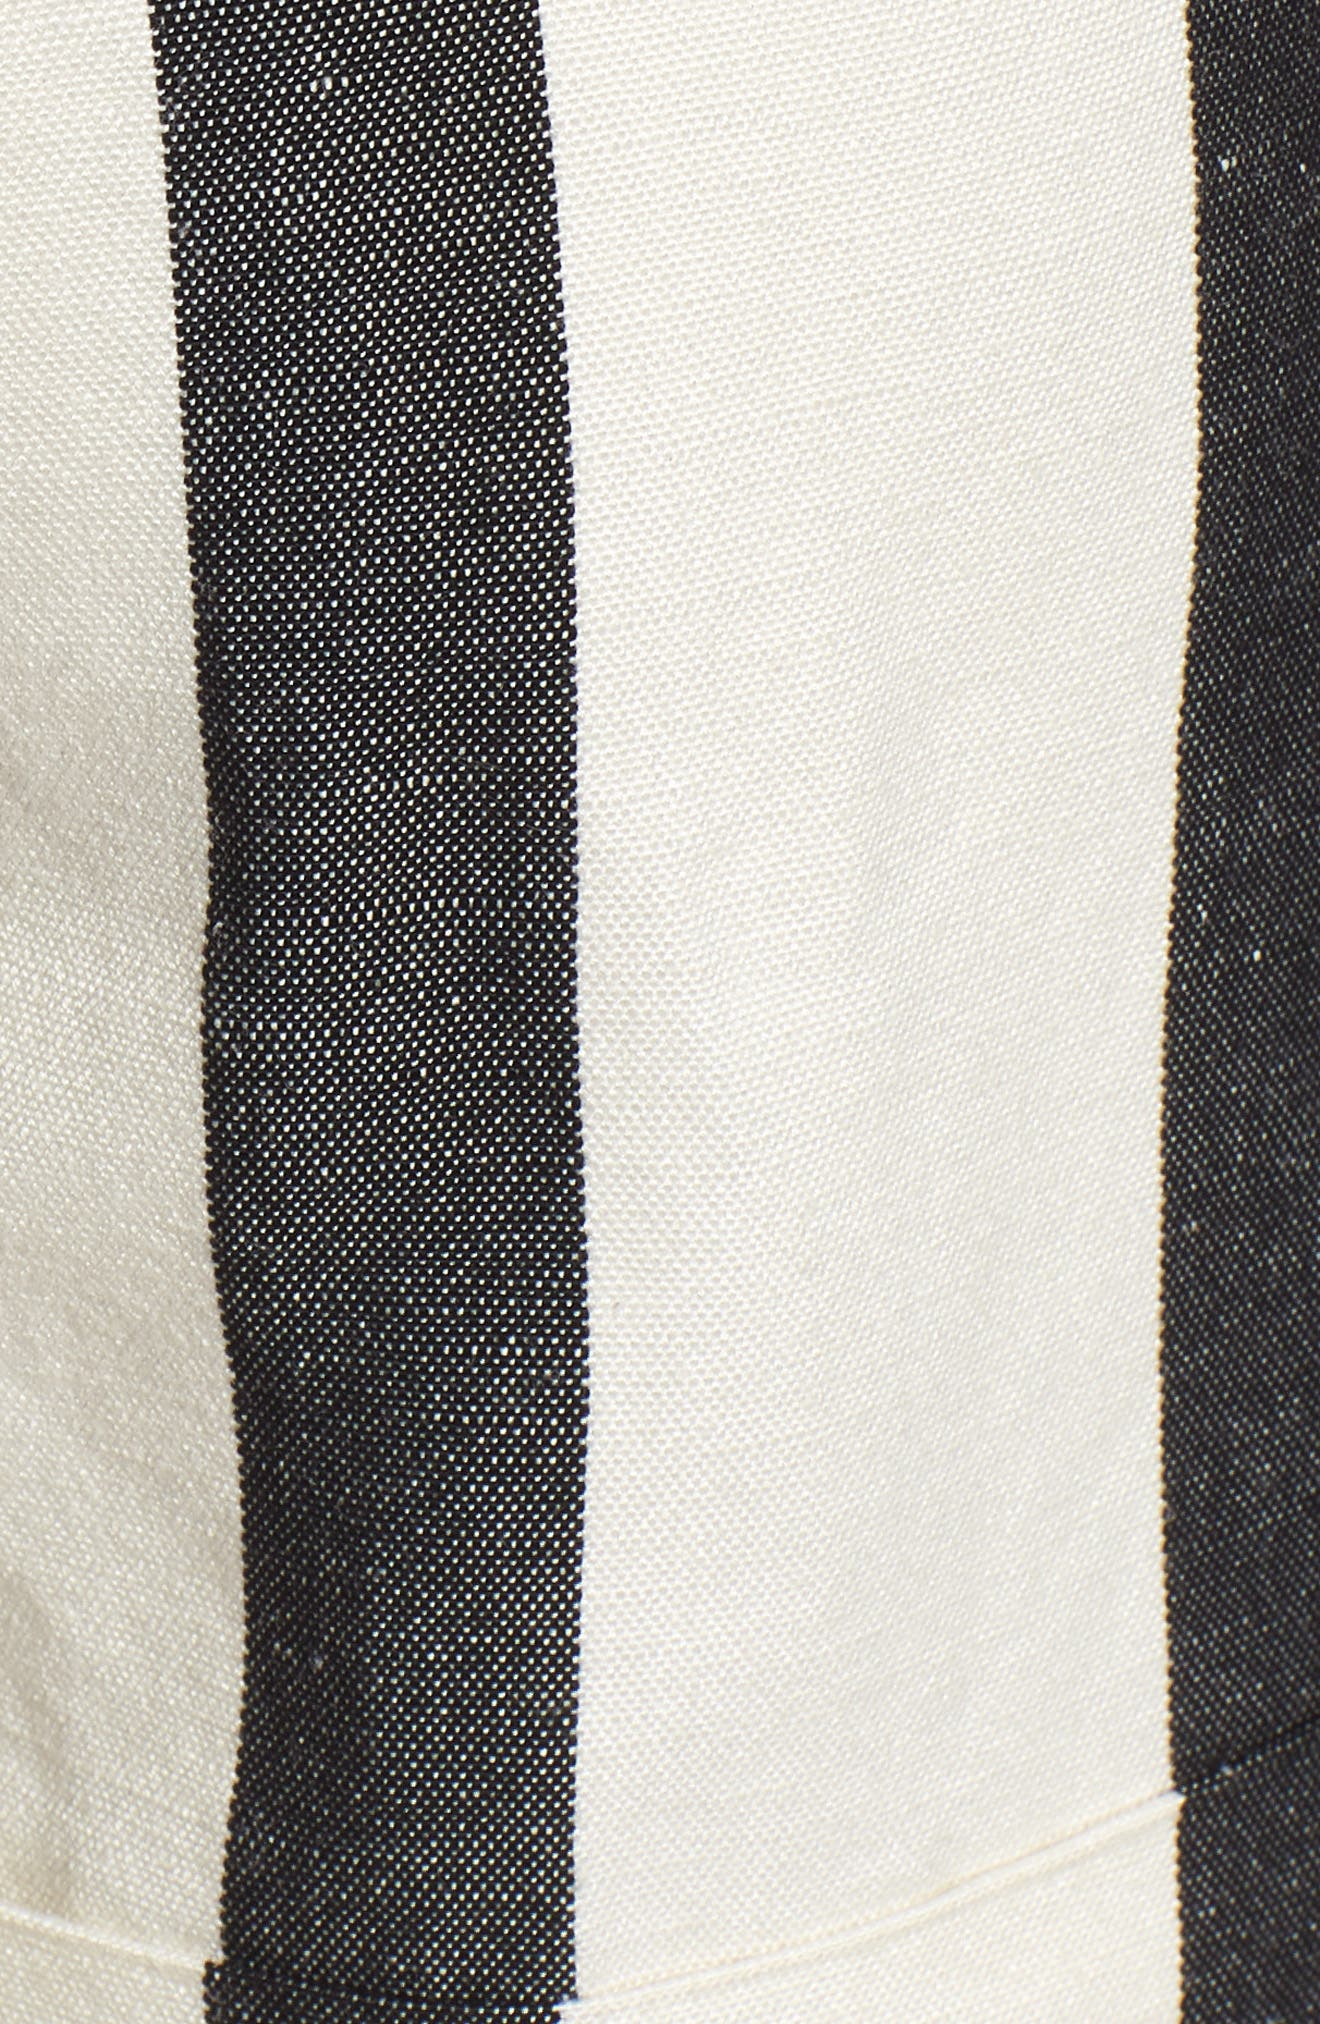 TROUVÉ,                             Stripe Cuff Shorts,                             Alternate thumbnail 5, color,                             101